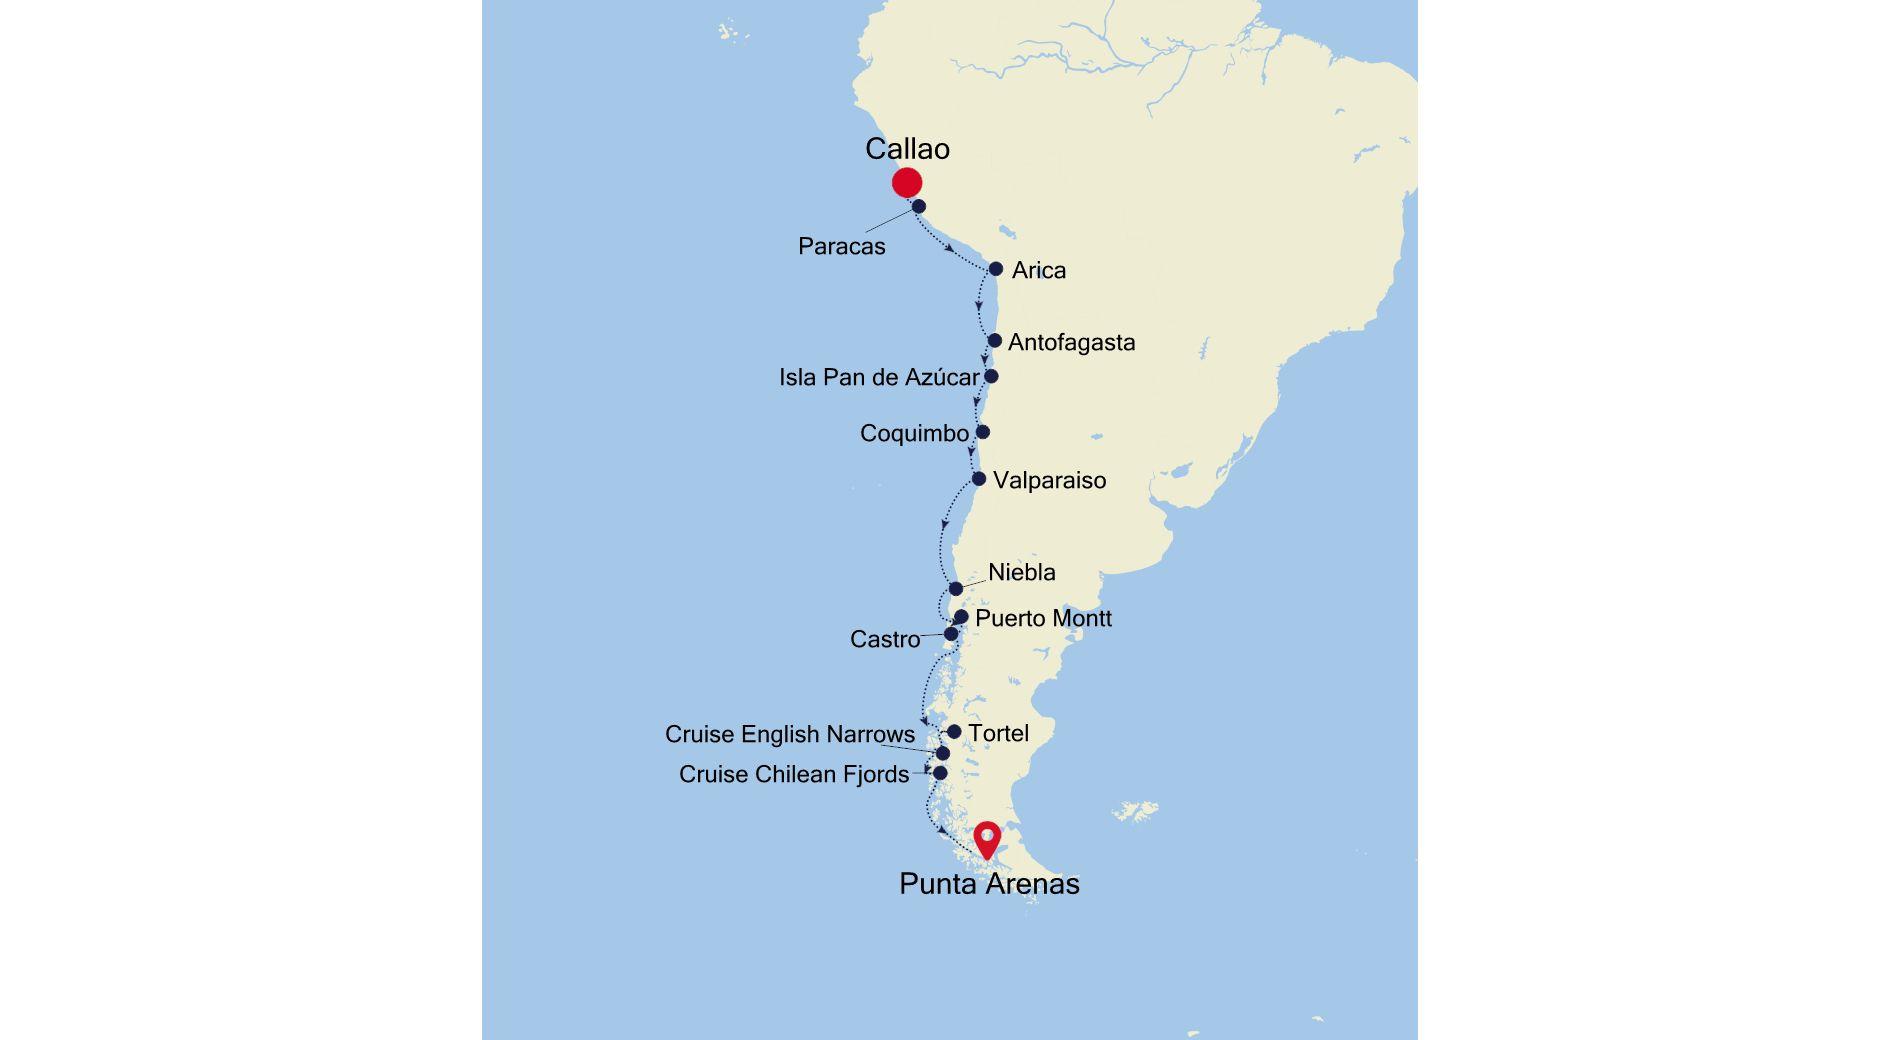 E4211028017 - Lima nach Punta Arenas